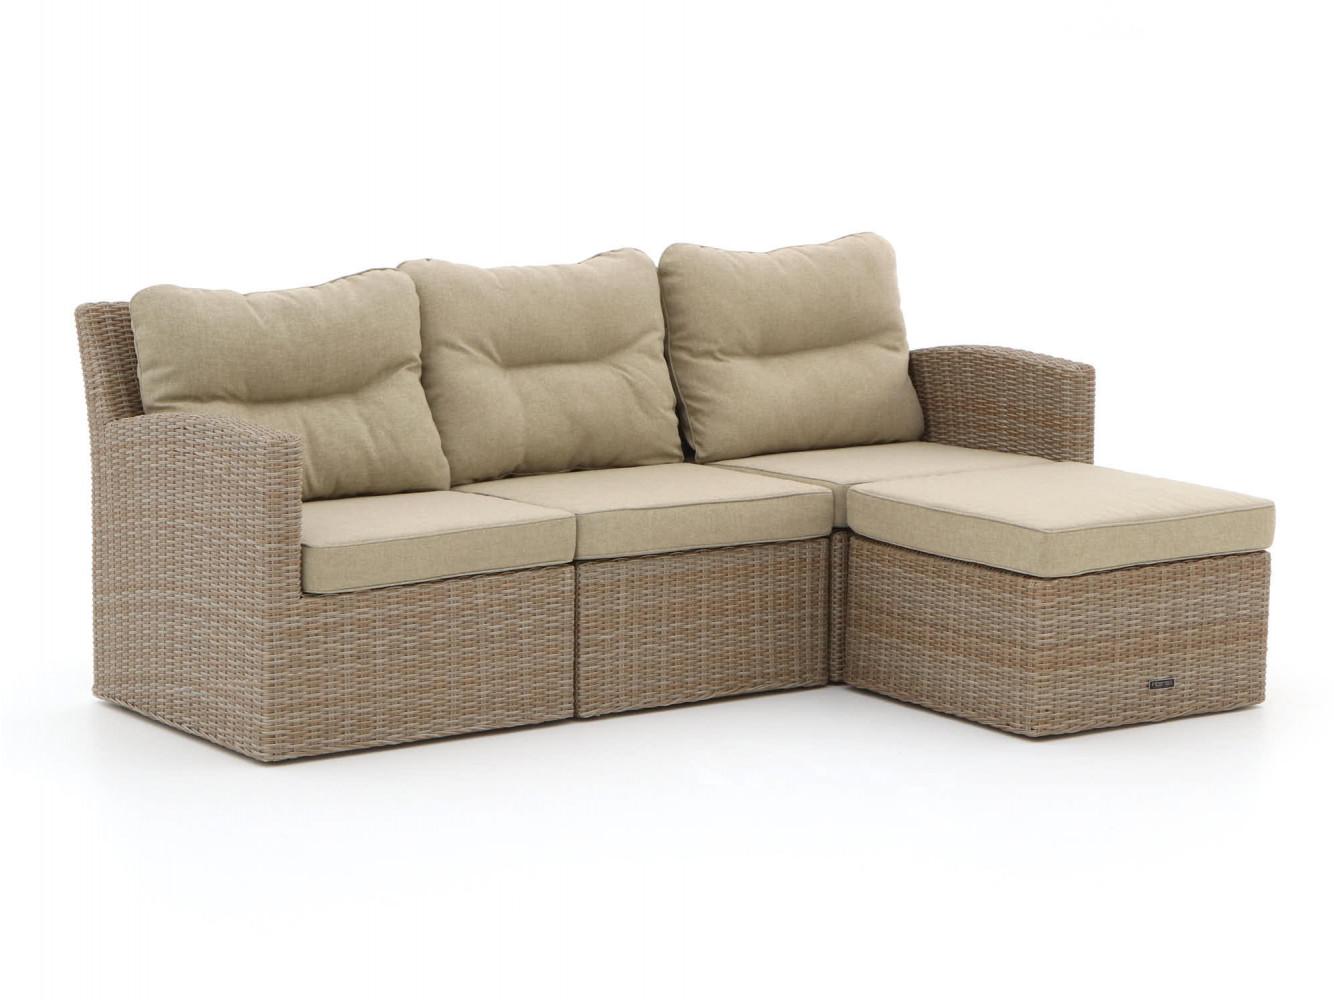 De voordelen van wicker loungesets